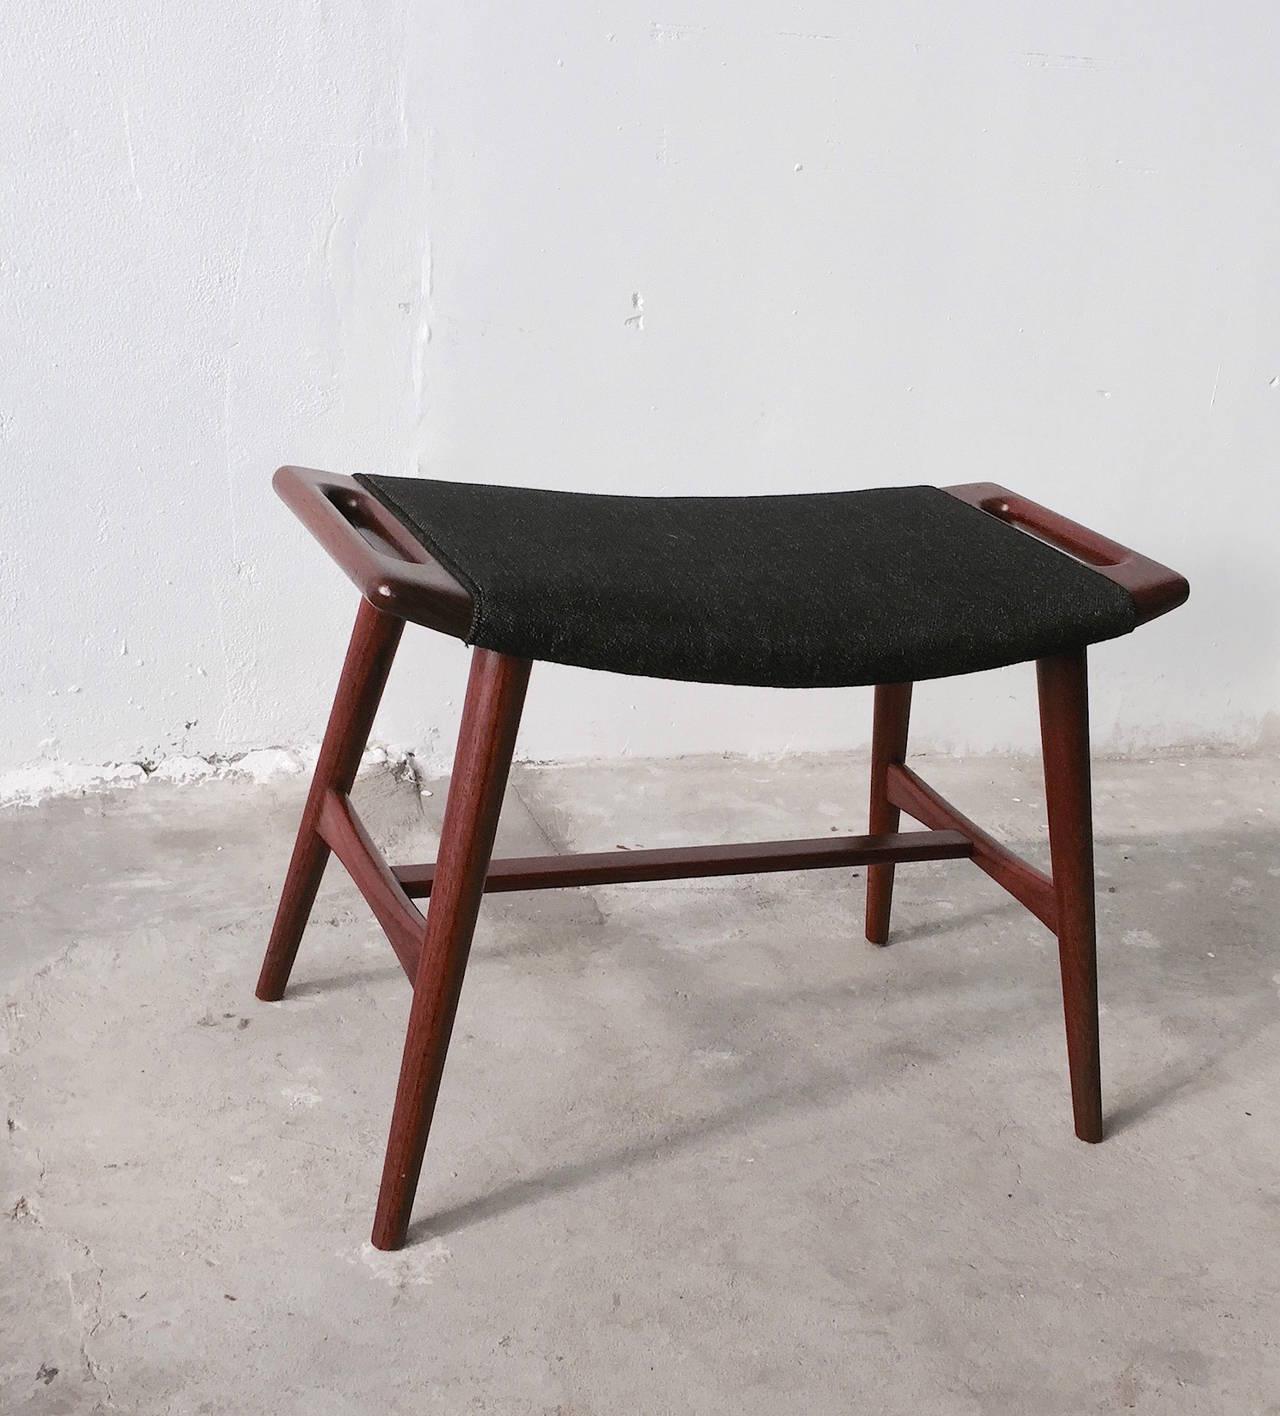 Hans J Wegner Piano Stool Ap 30 Teak For Sale At 1stdibs